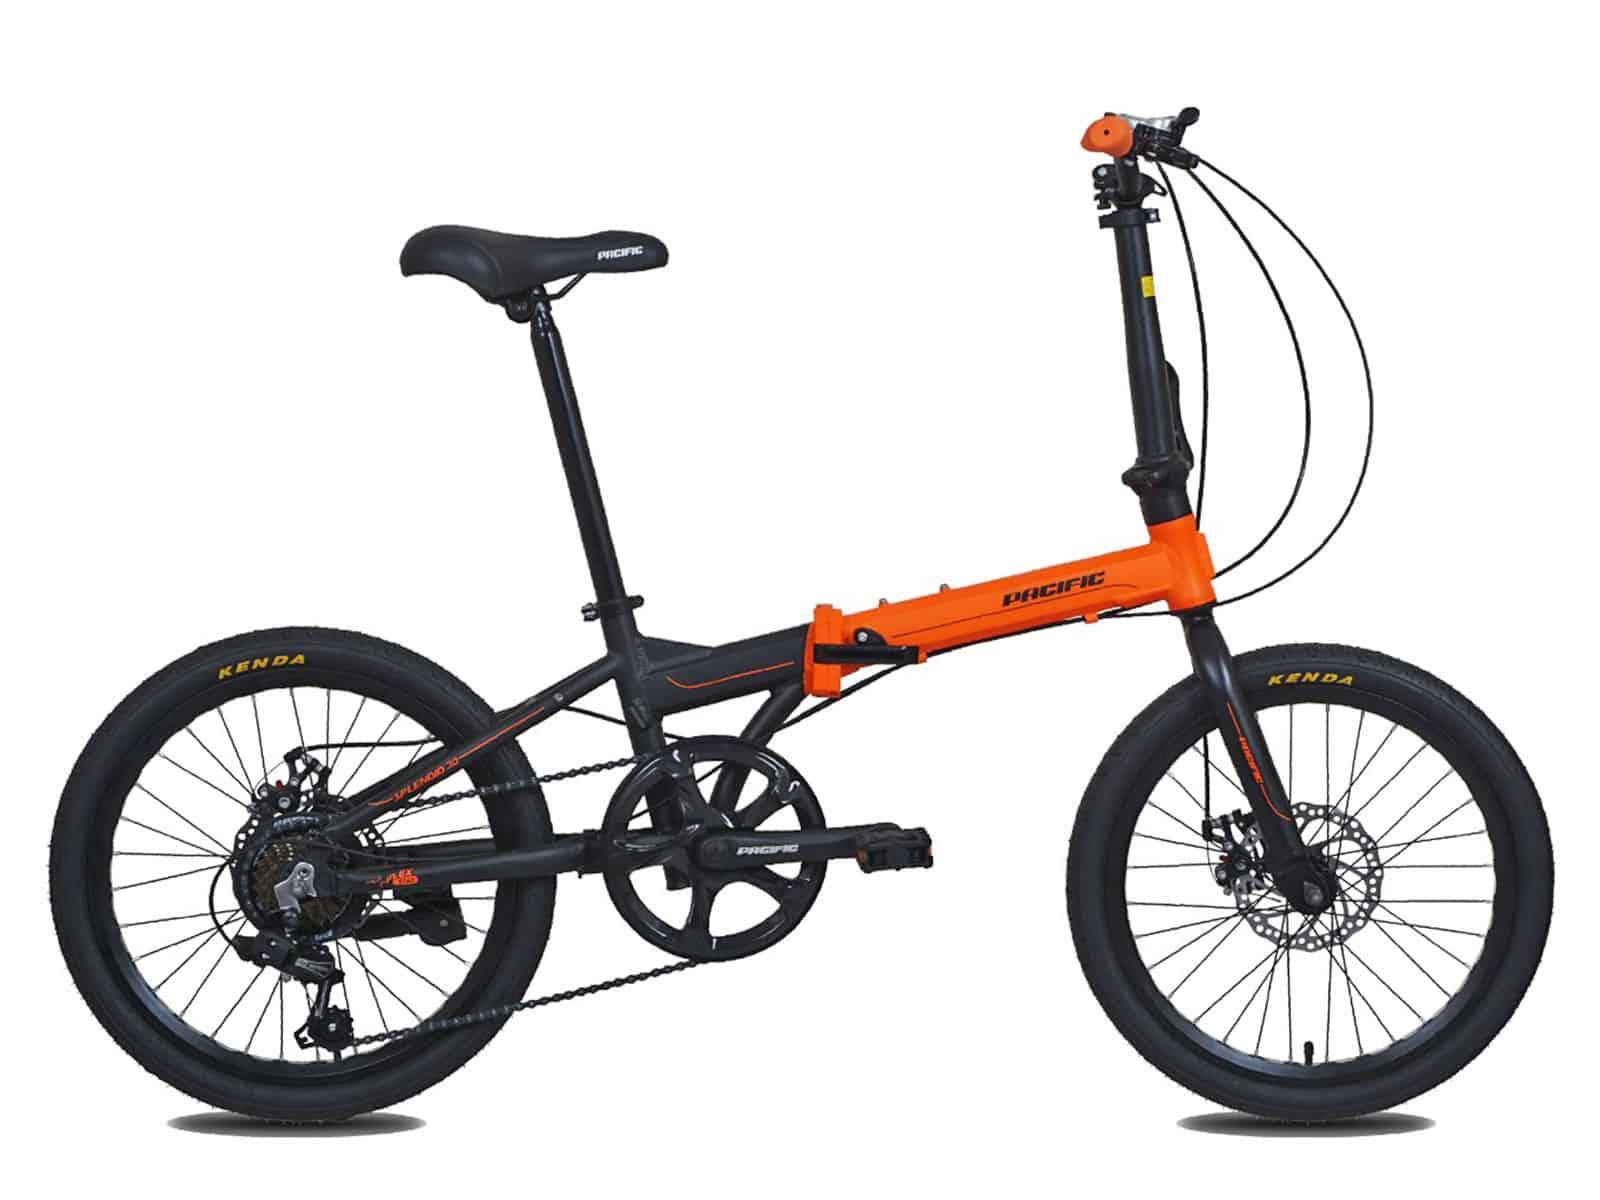 Spesifikasi dan Harga Pacific Splendid 3.0 Sepeda.Me